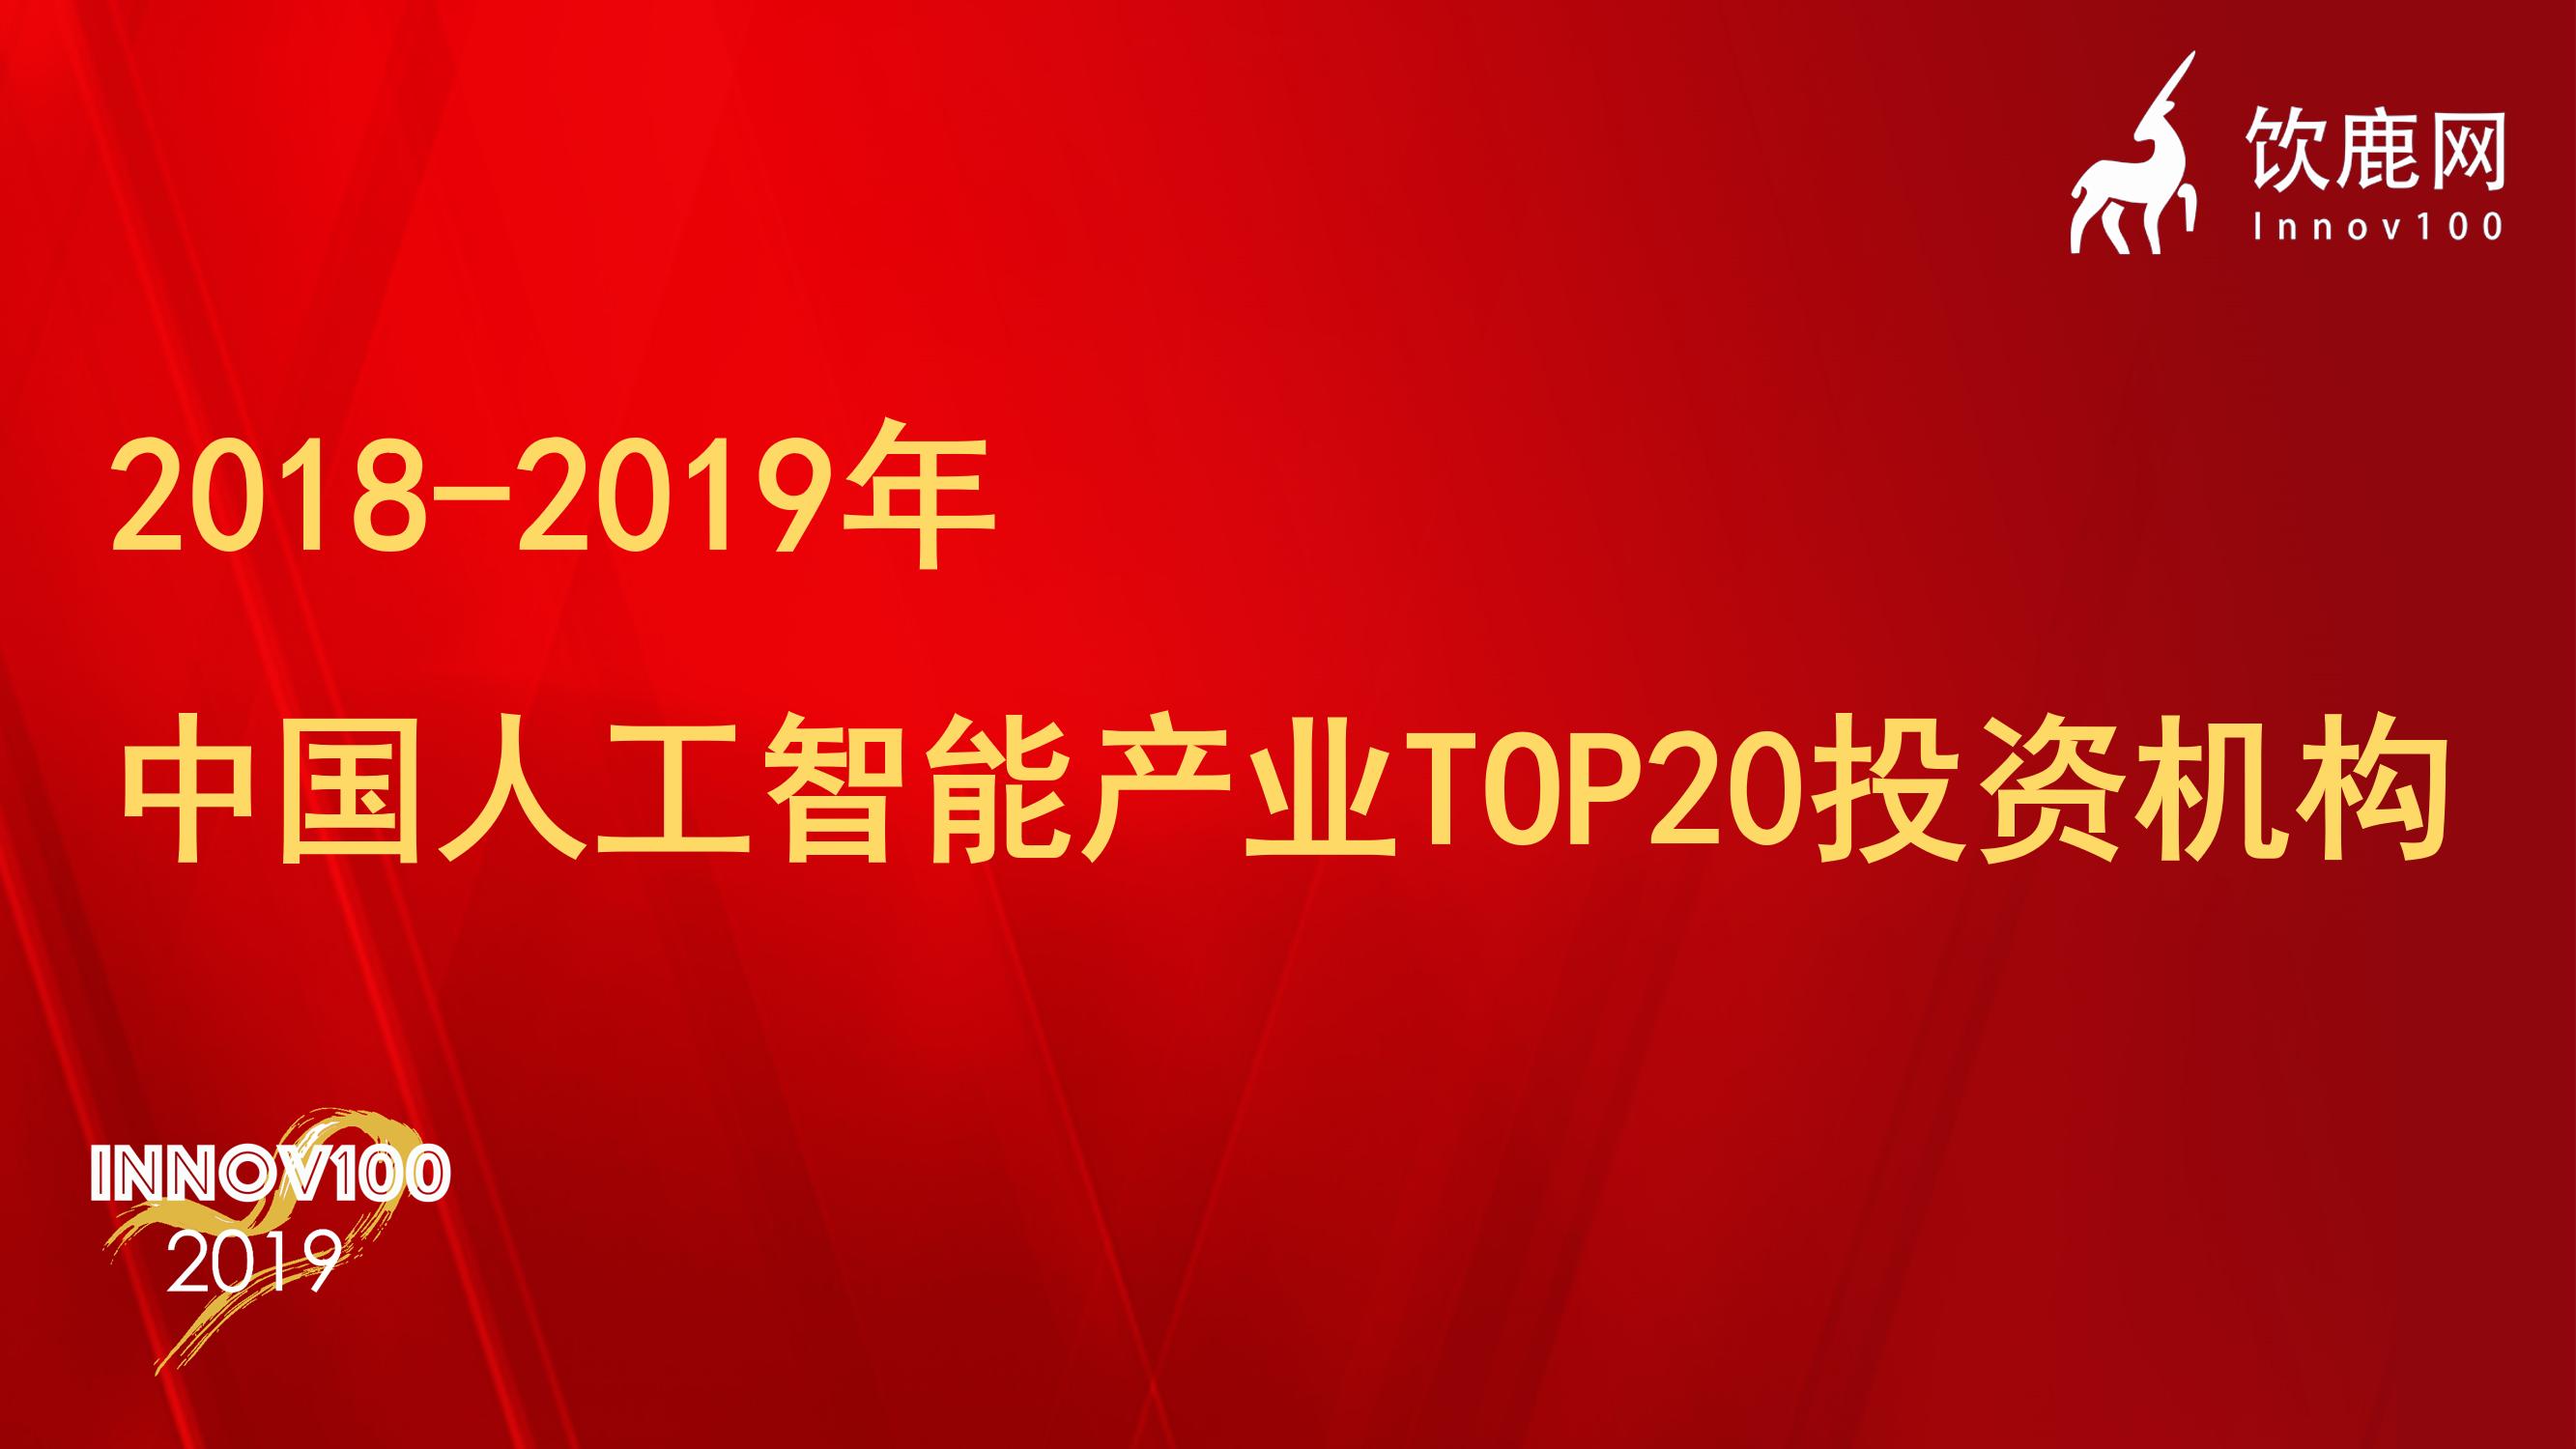 饮鹿网2018-2019年中国人工智能产业Top20投资机构发布!